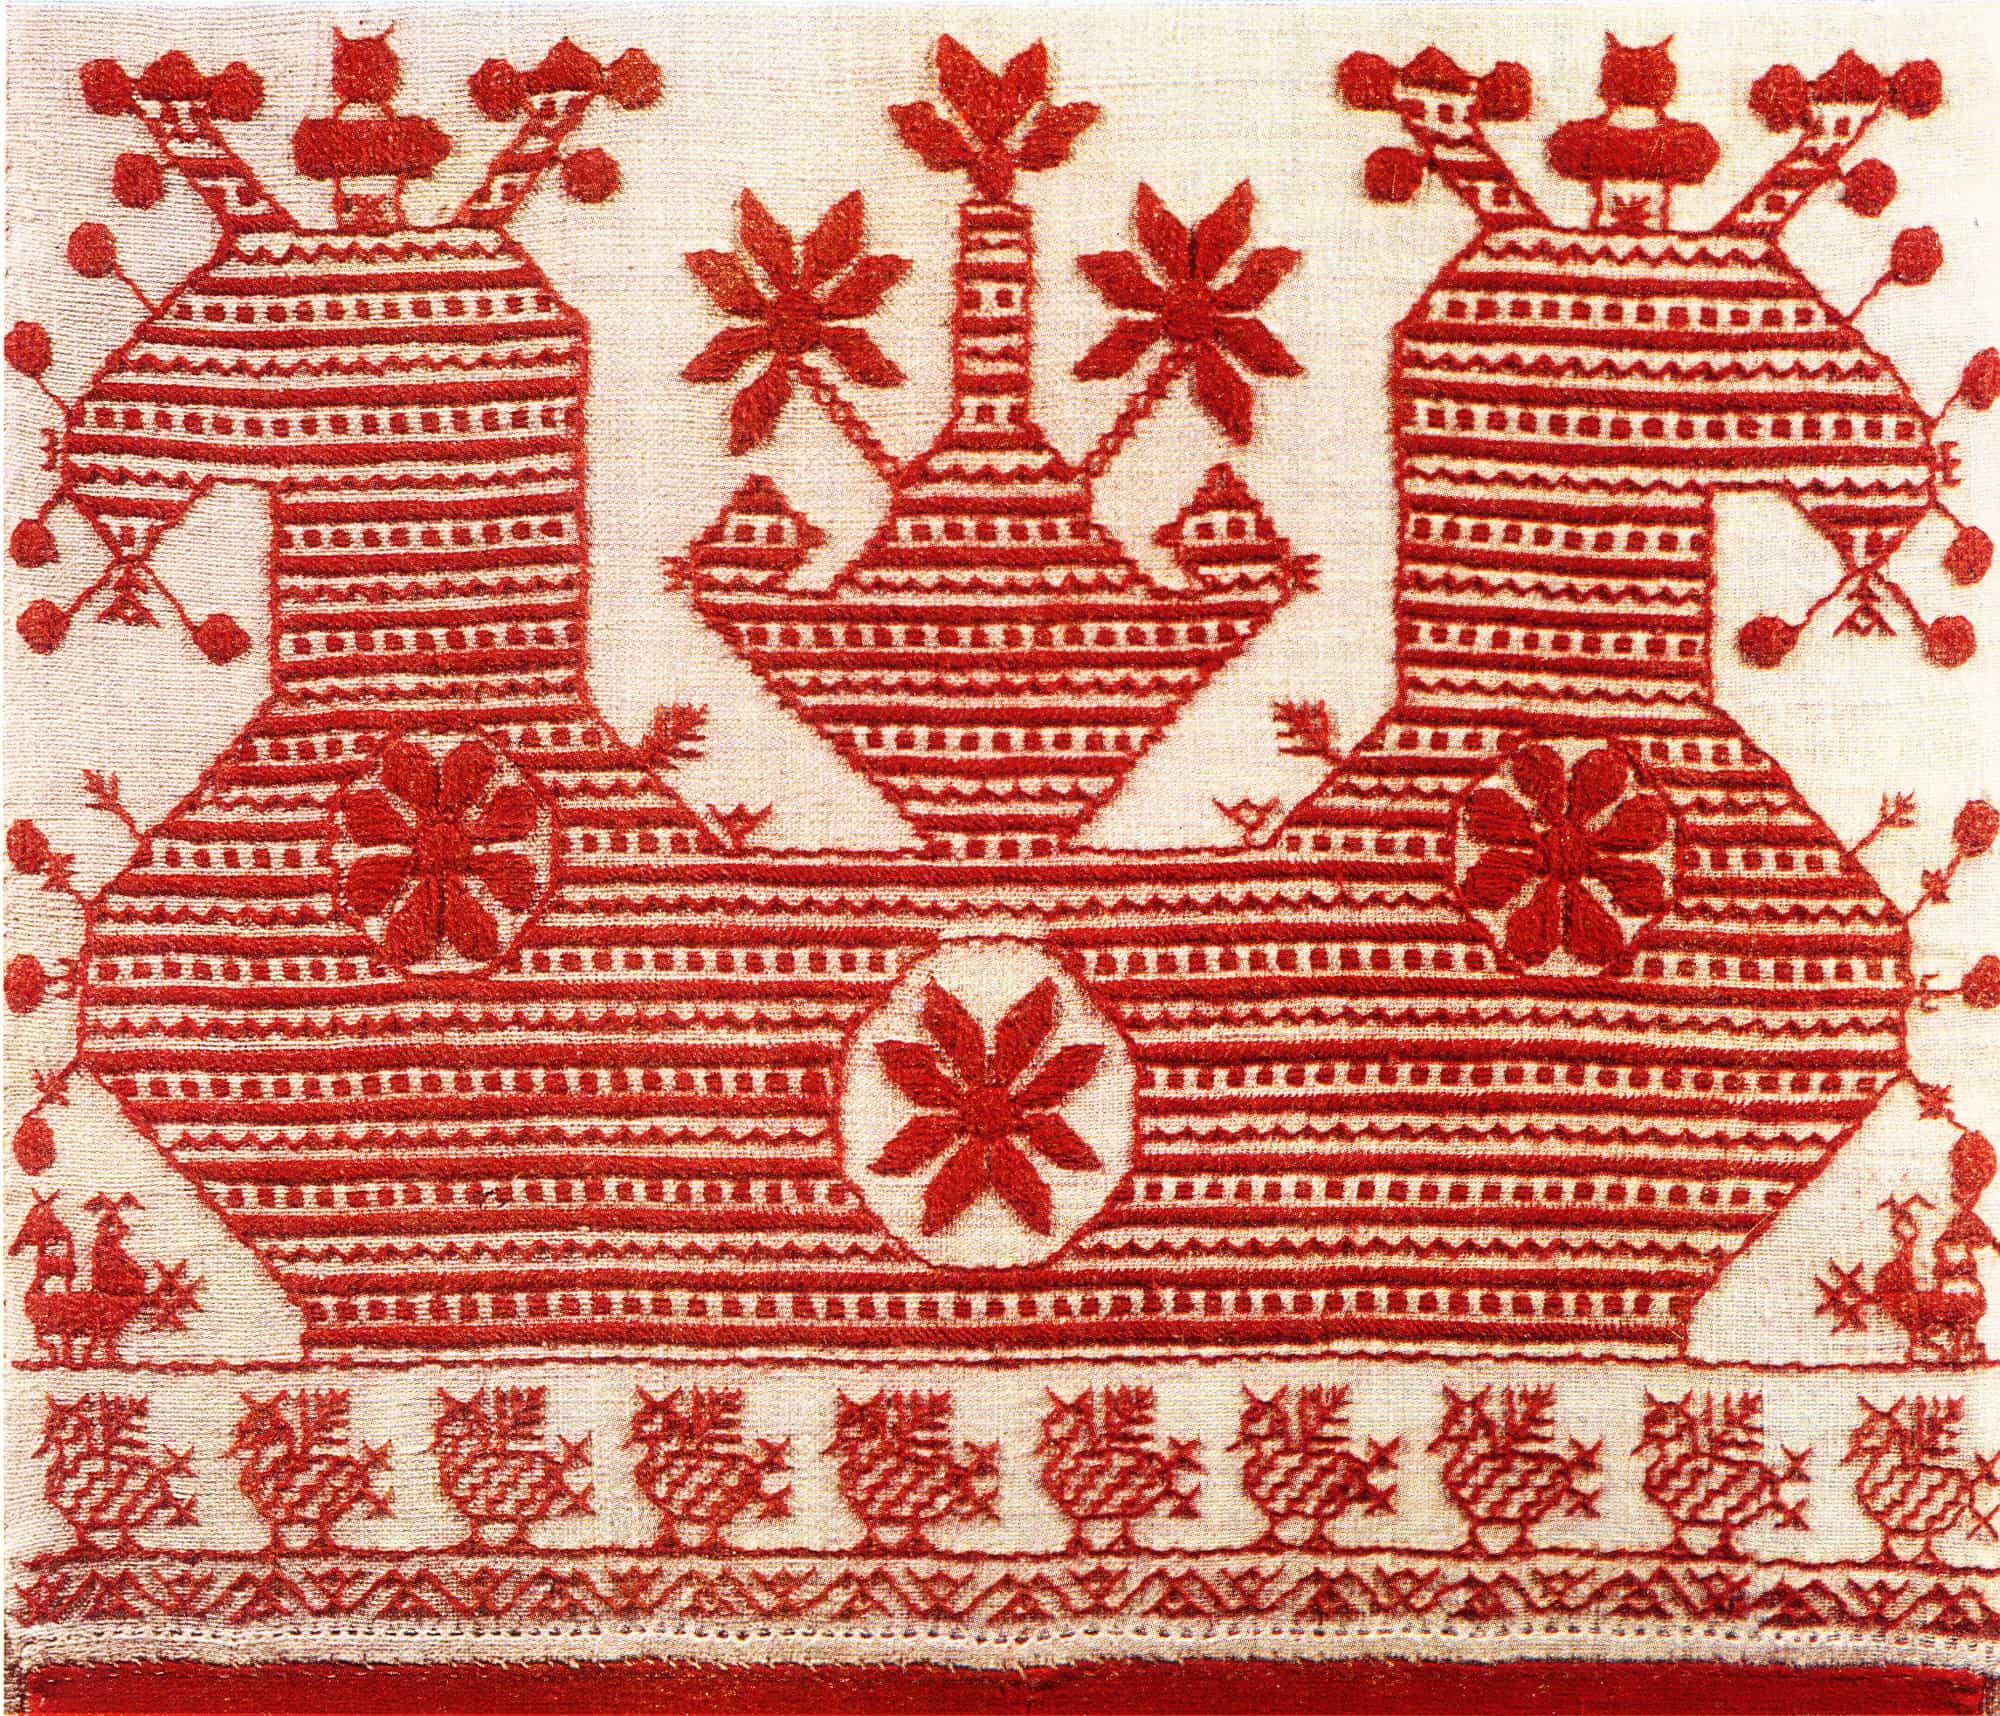 Русская народная вышивка особенности национального рукоделия (картинки) 16